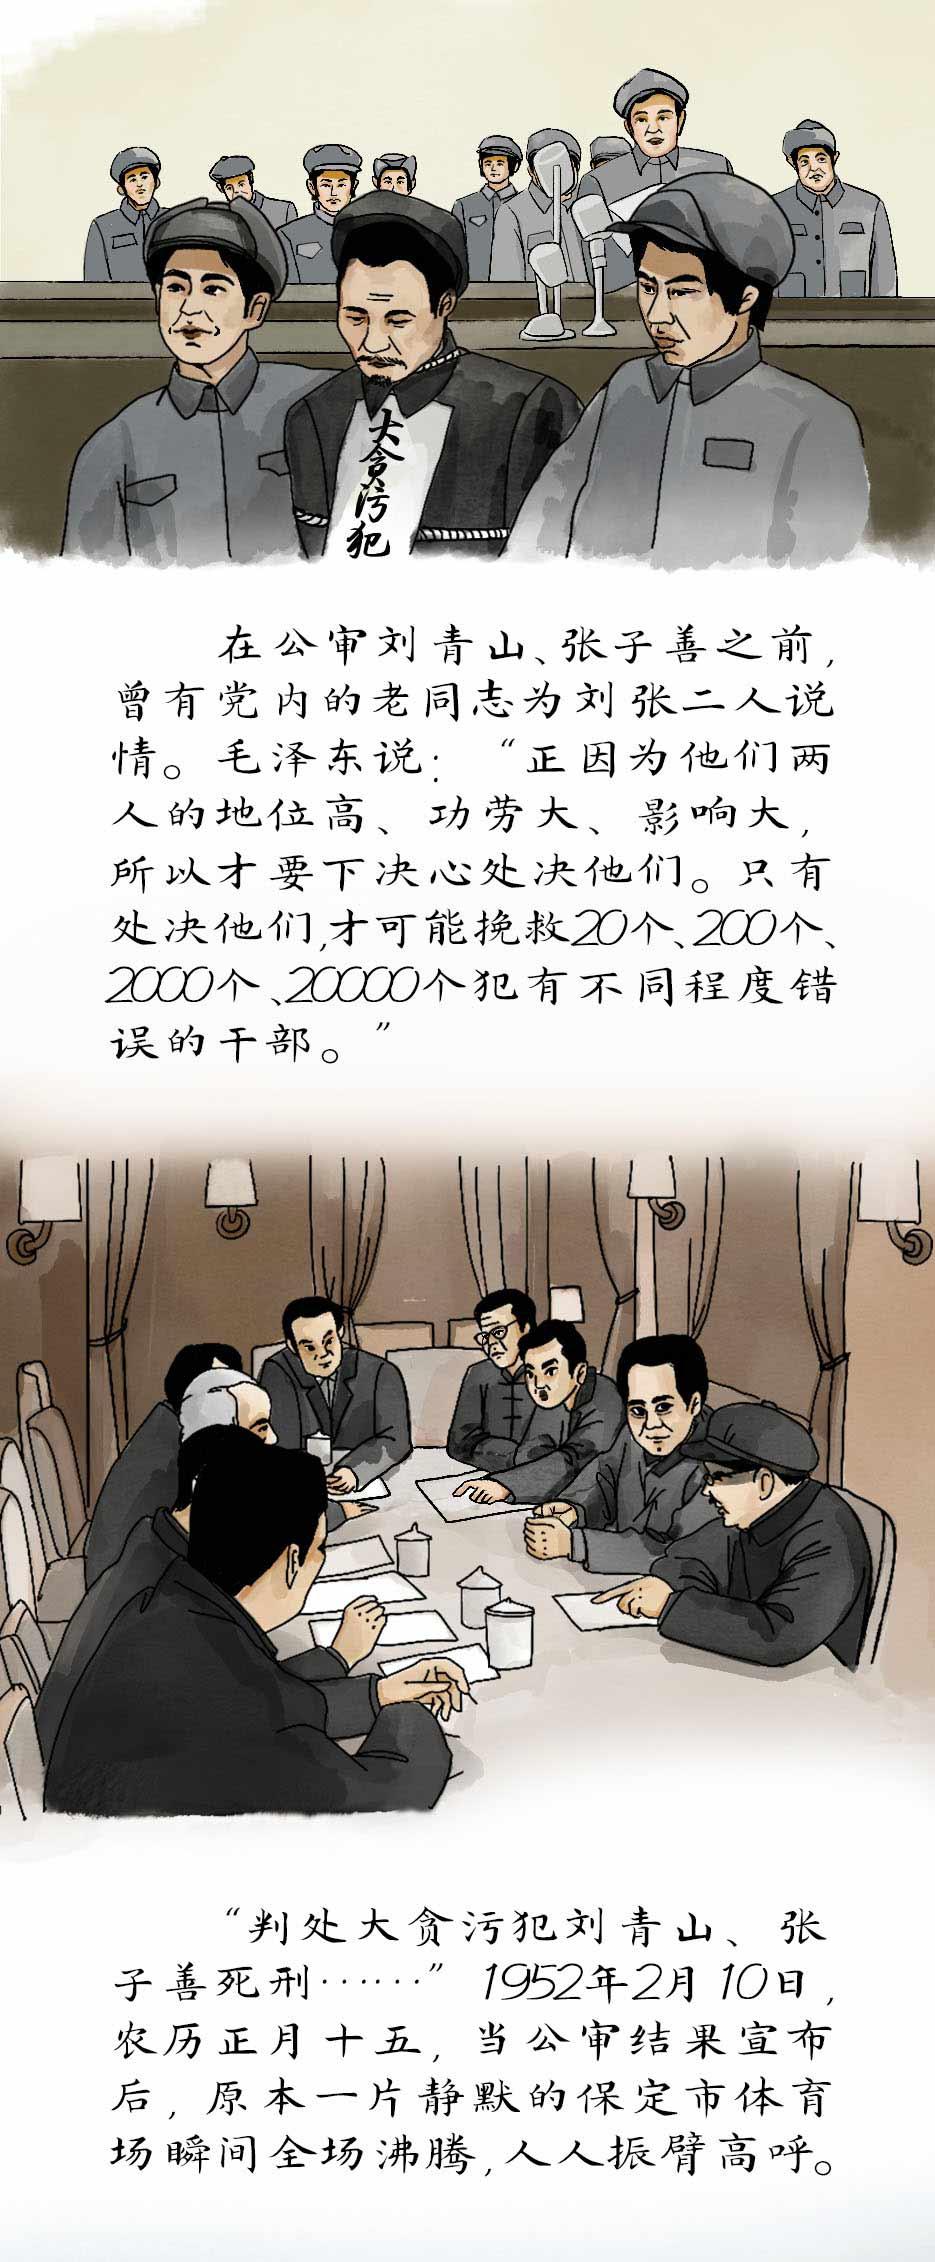 党史故事绘 | 新中国反腐第一大案